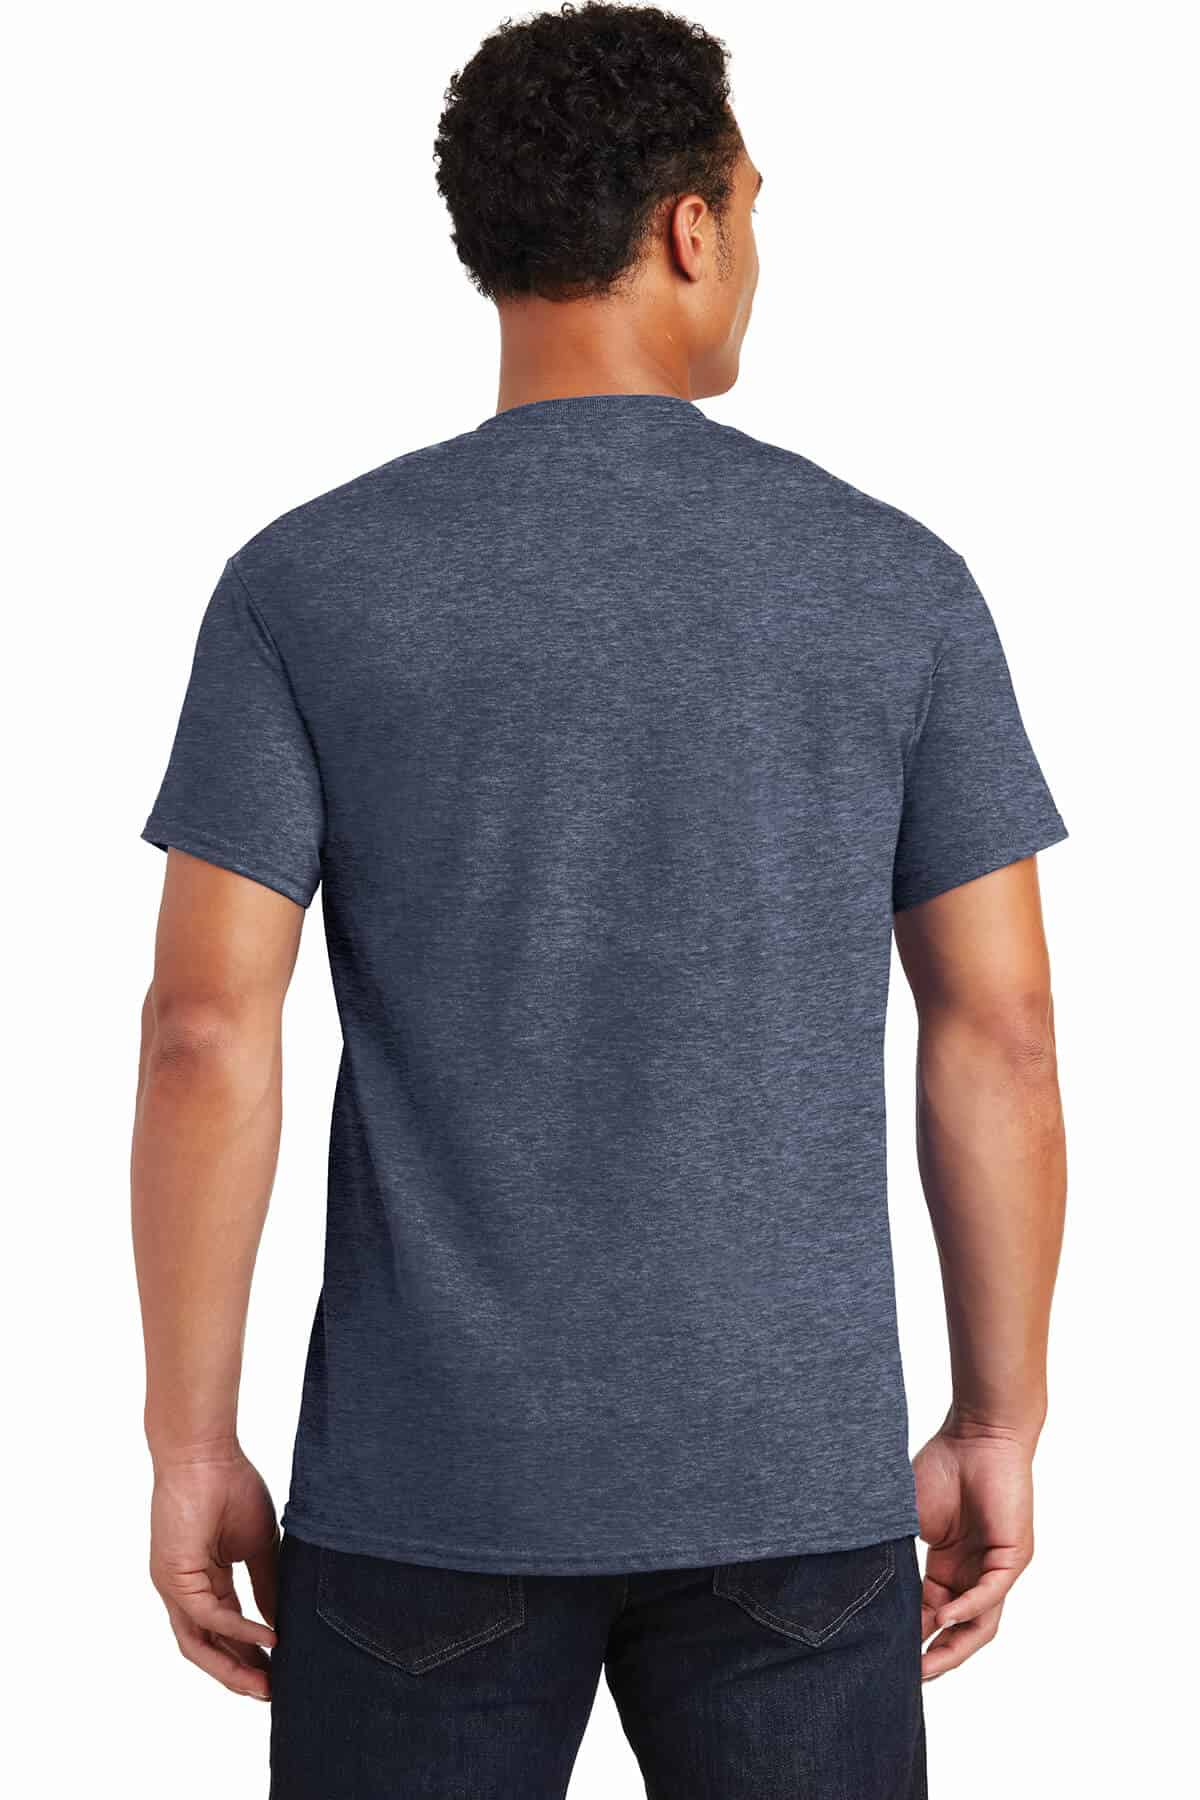 Heathered Navy TeeShirt Back